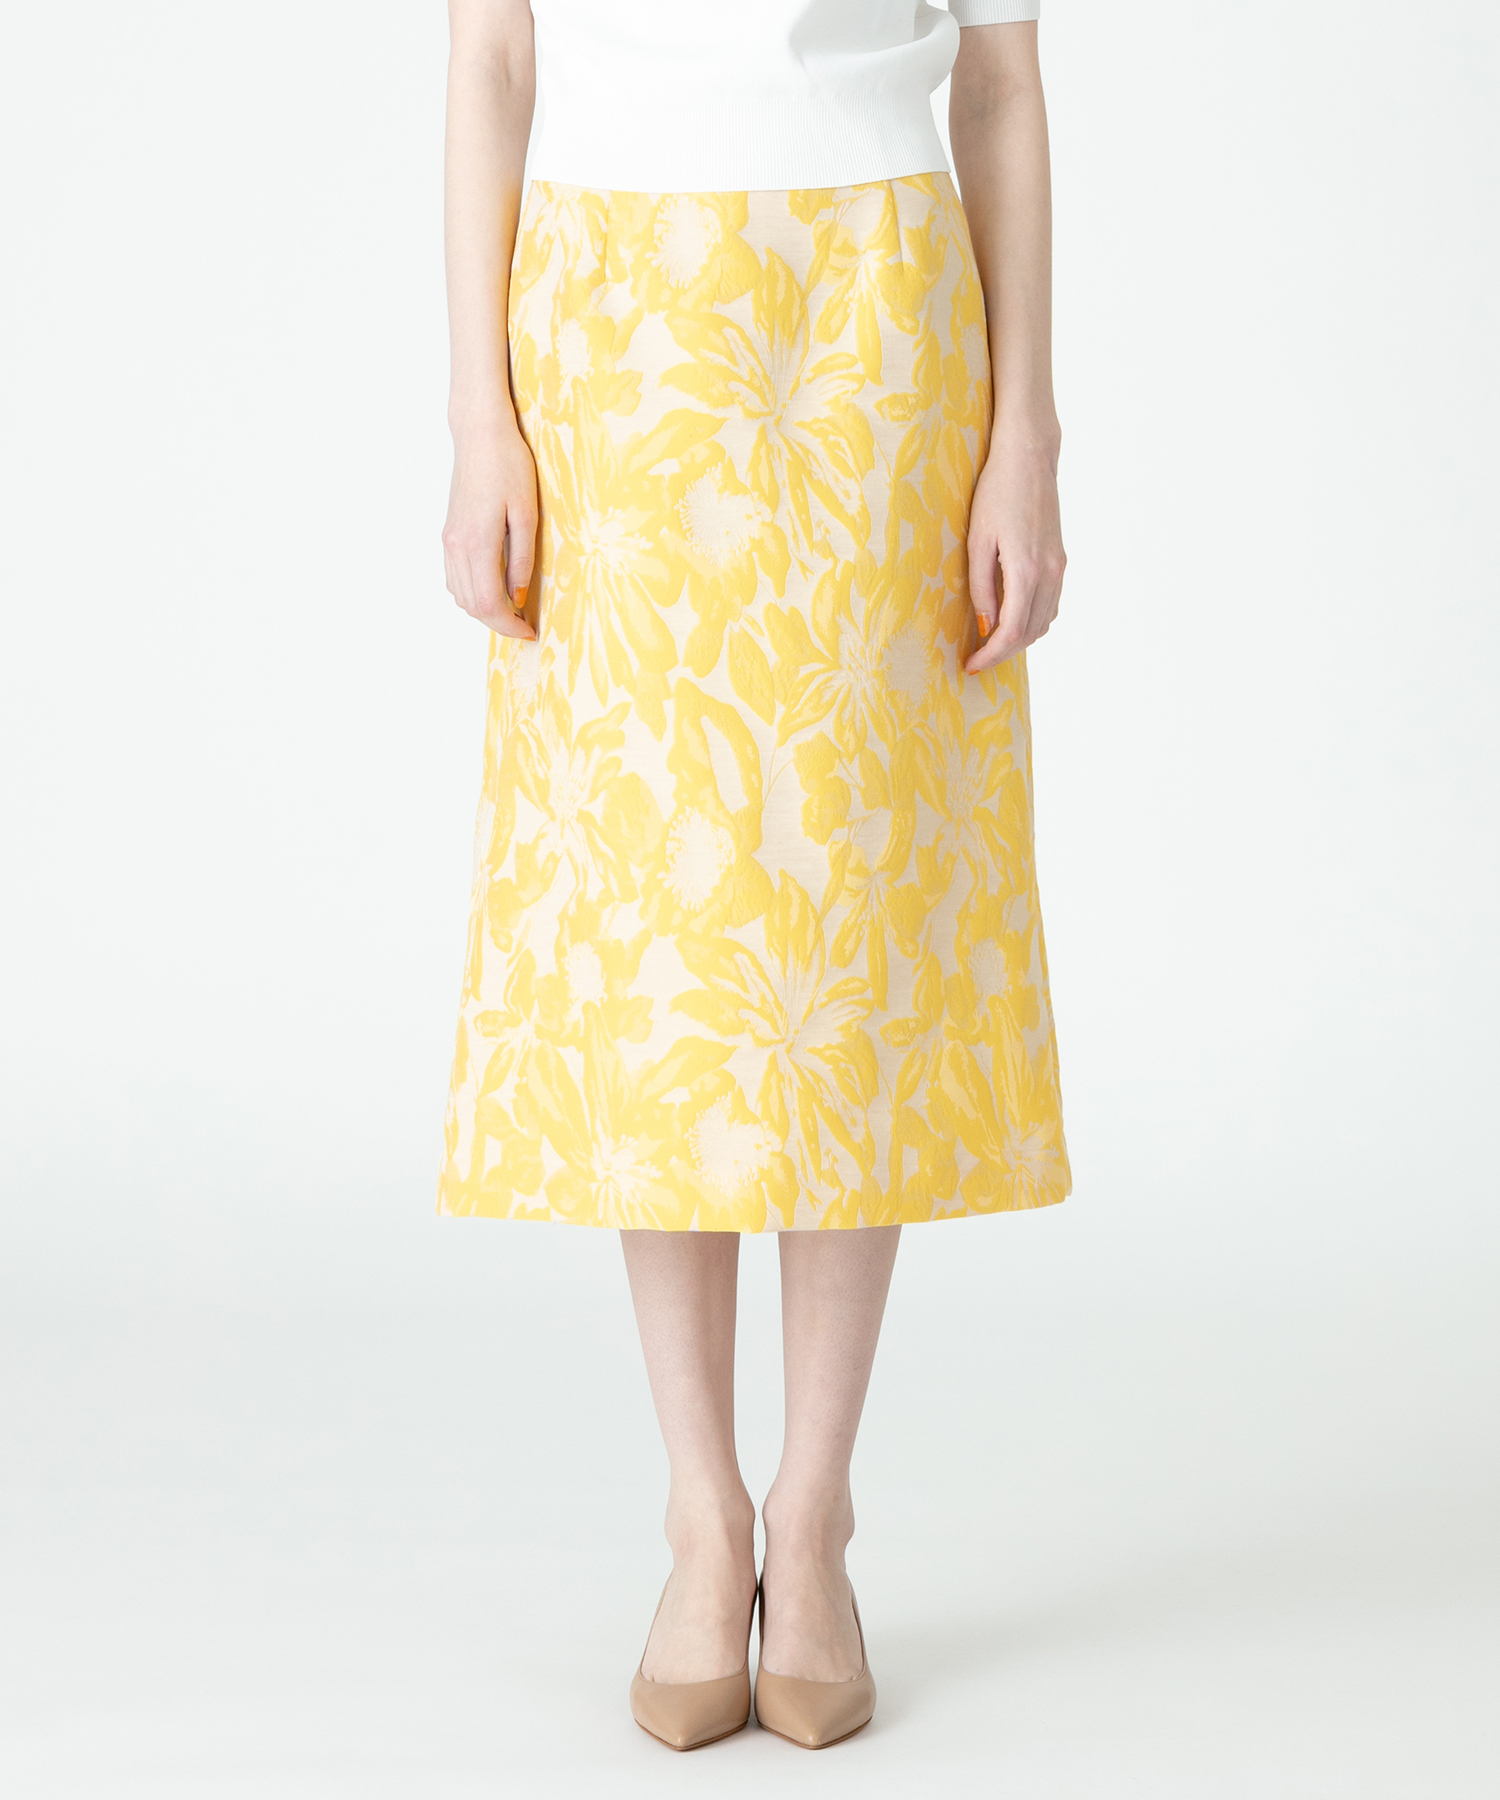 【セットアップ対象商品】【Loulou Willoughby】フラワージャガードAラインスカート